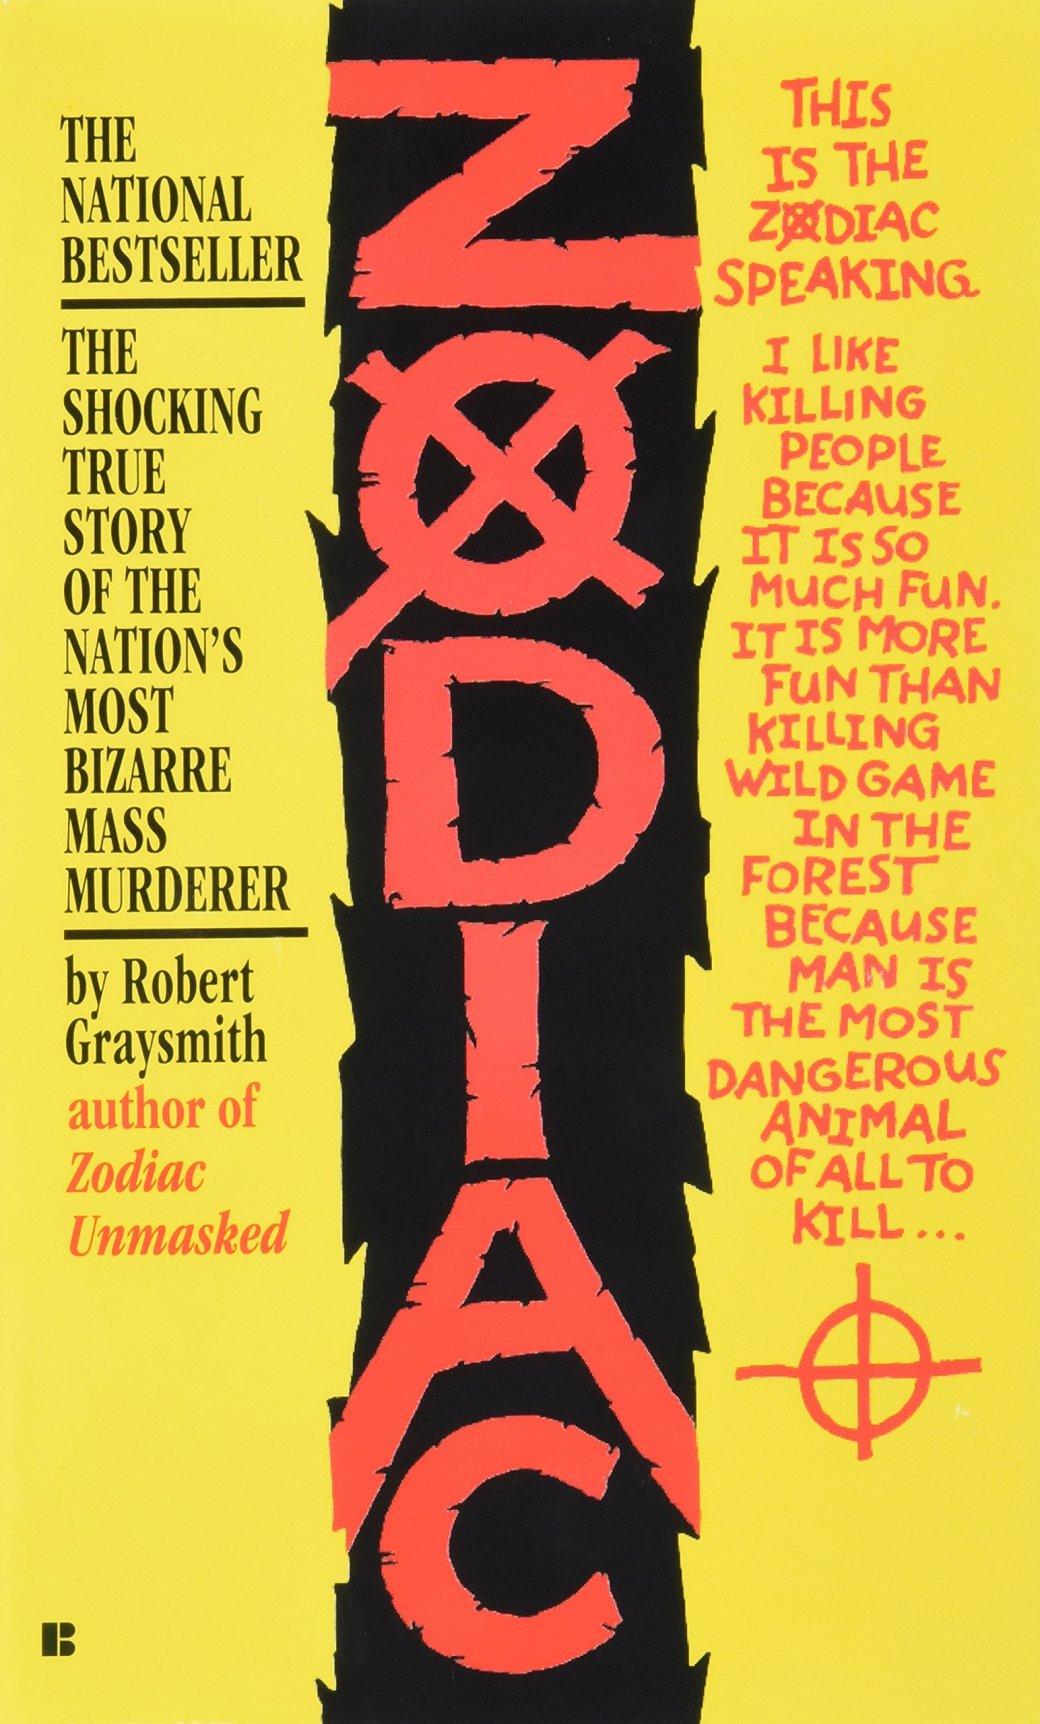 Лучшие книги про маньяков, основанные на реальных событиях - топ романов про серийных убийц | Канобу - Изображение 9